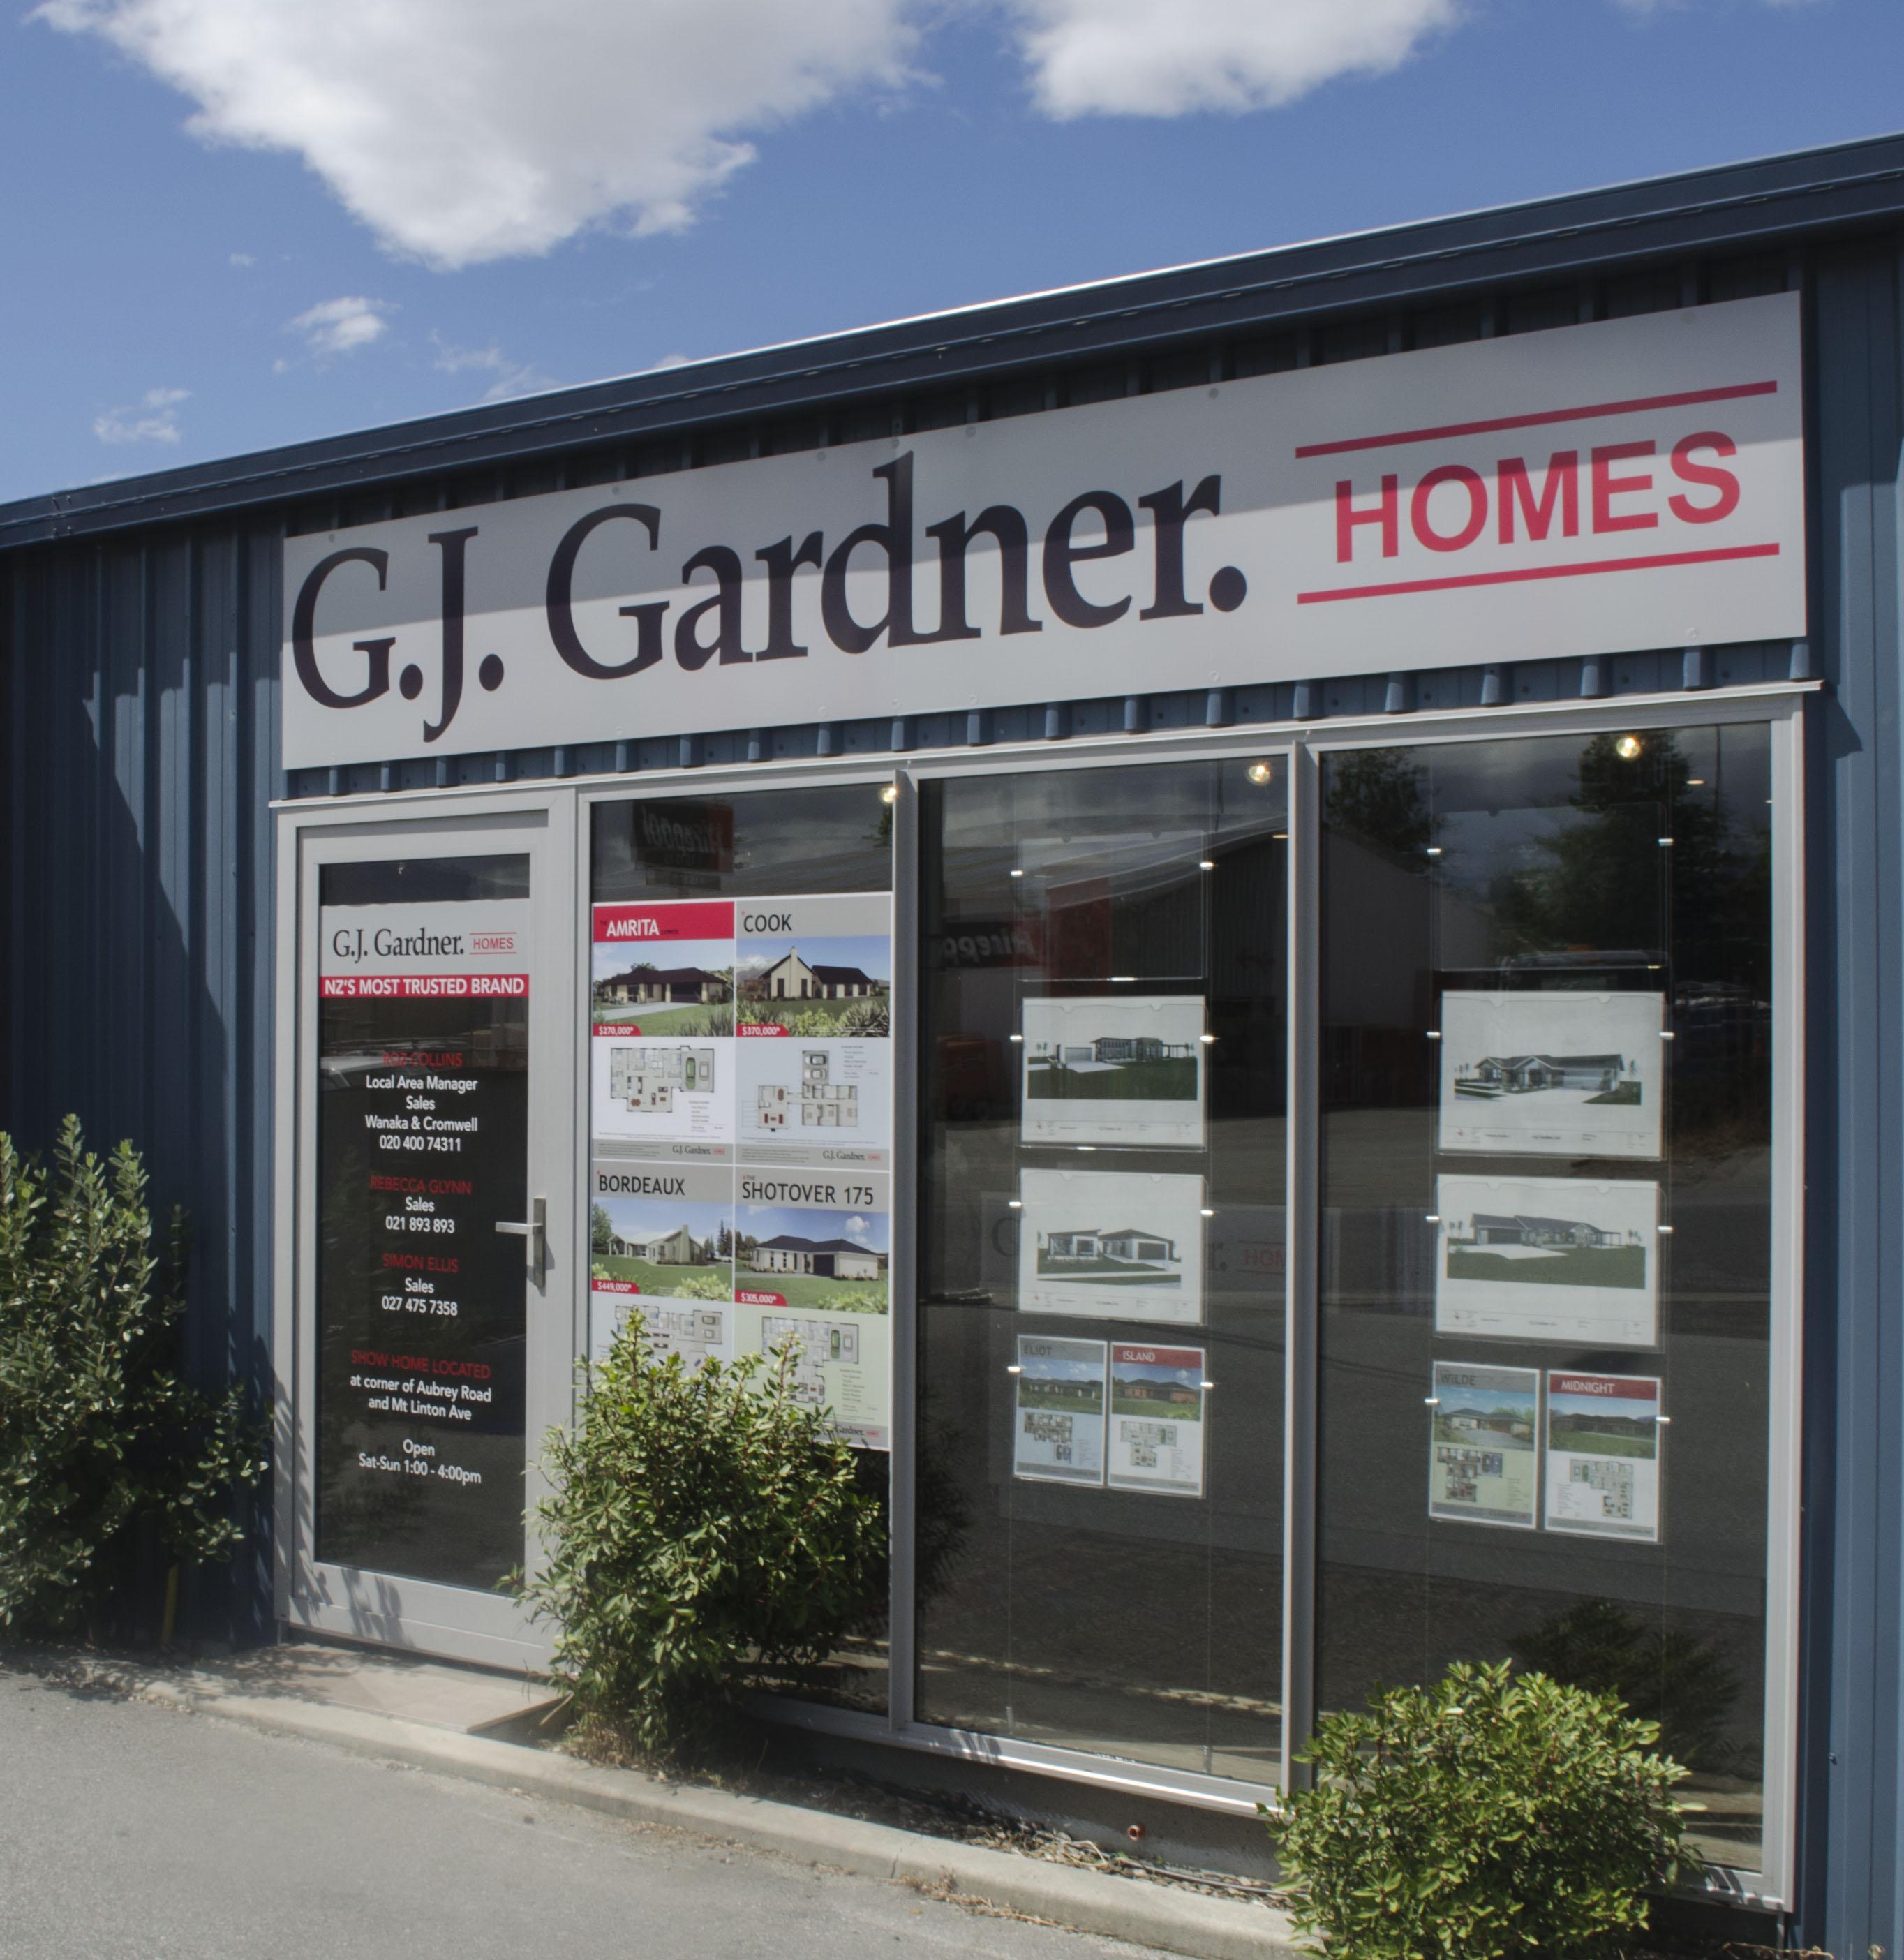 GJ Gardner shop front